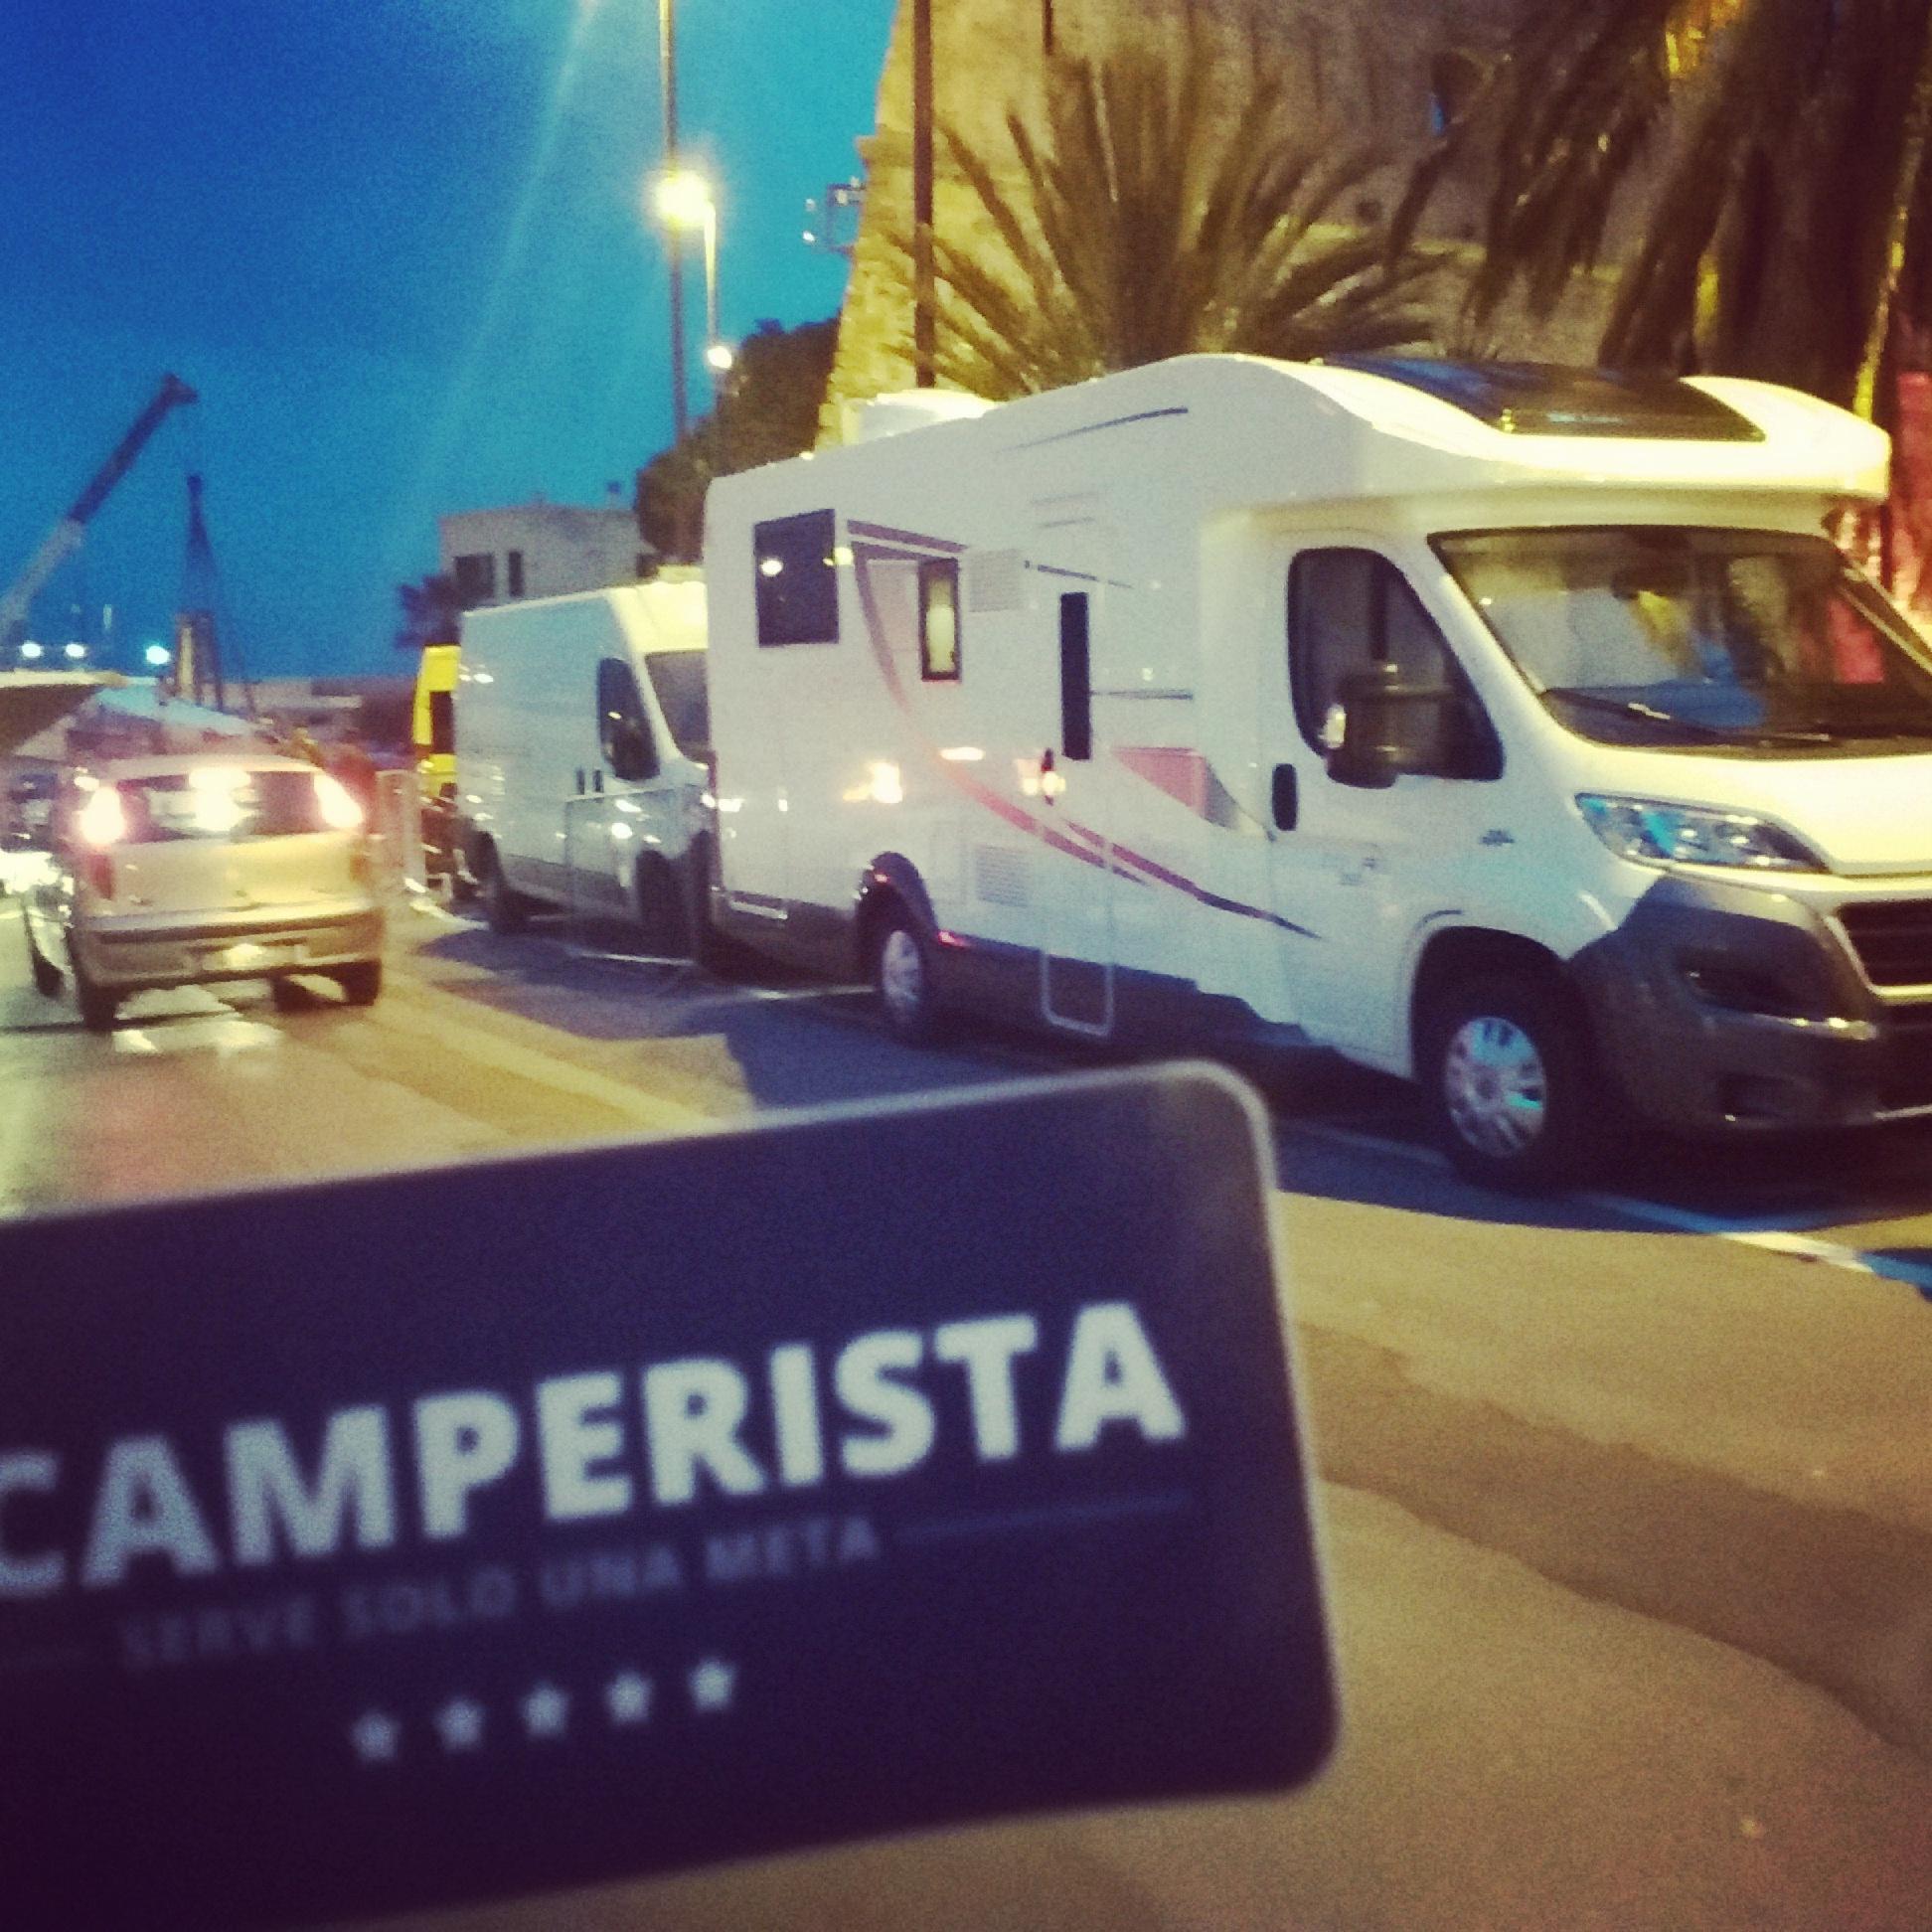 Il Camperista_Sanremo (7)